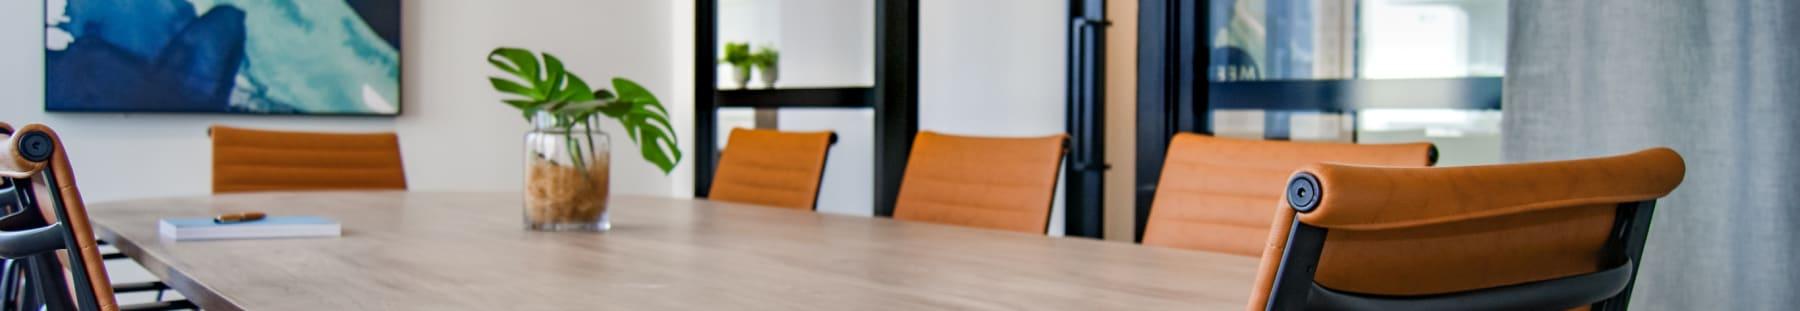 代々木駅の研修に最適な貸し会議室